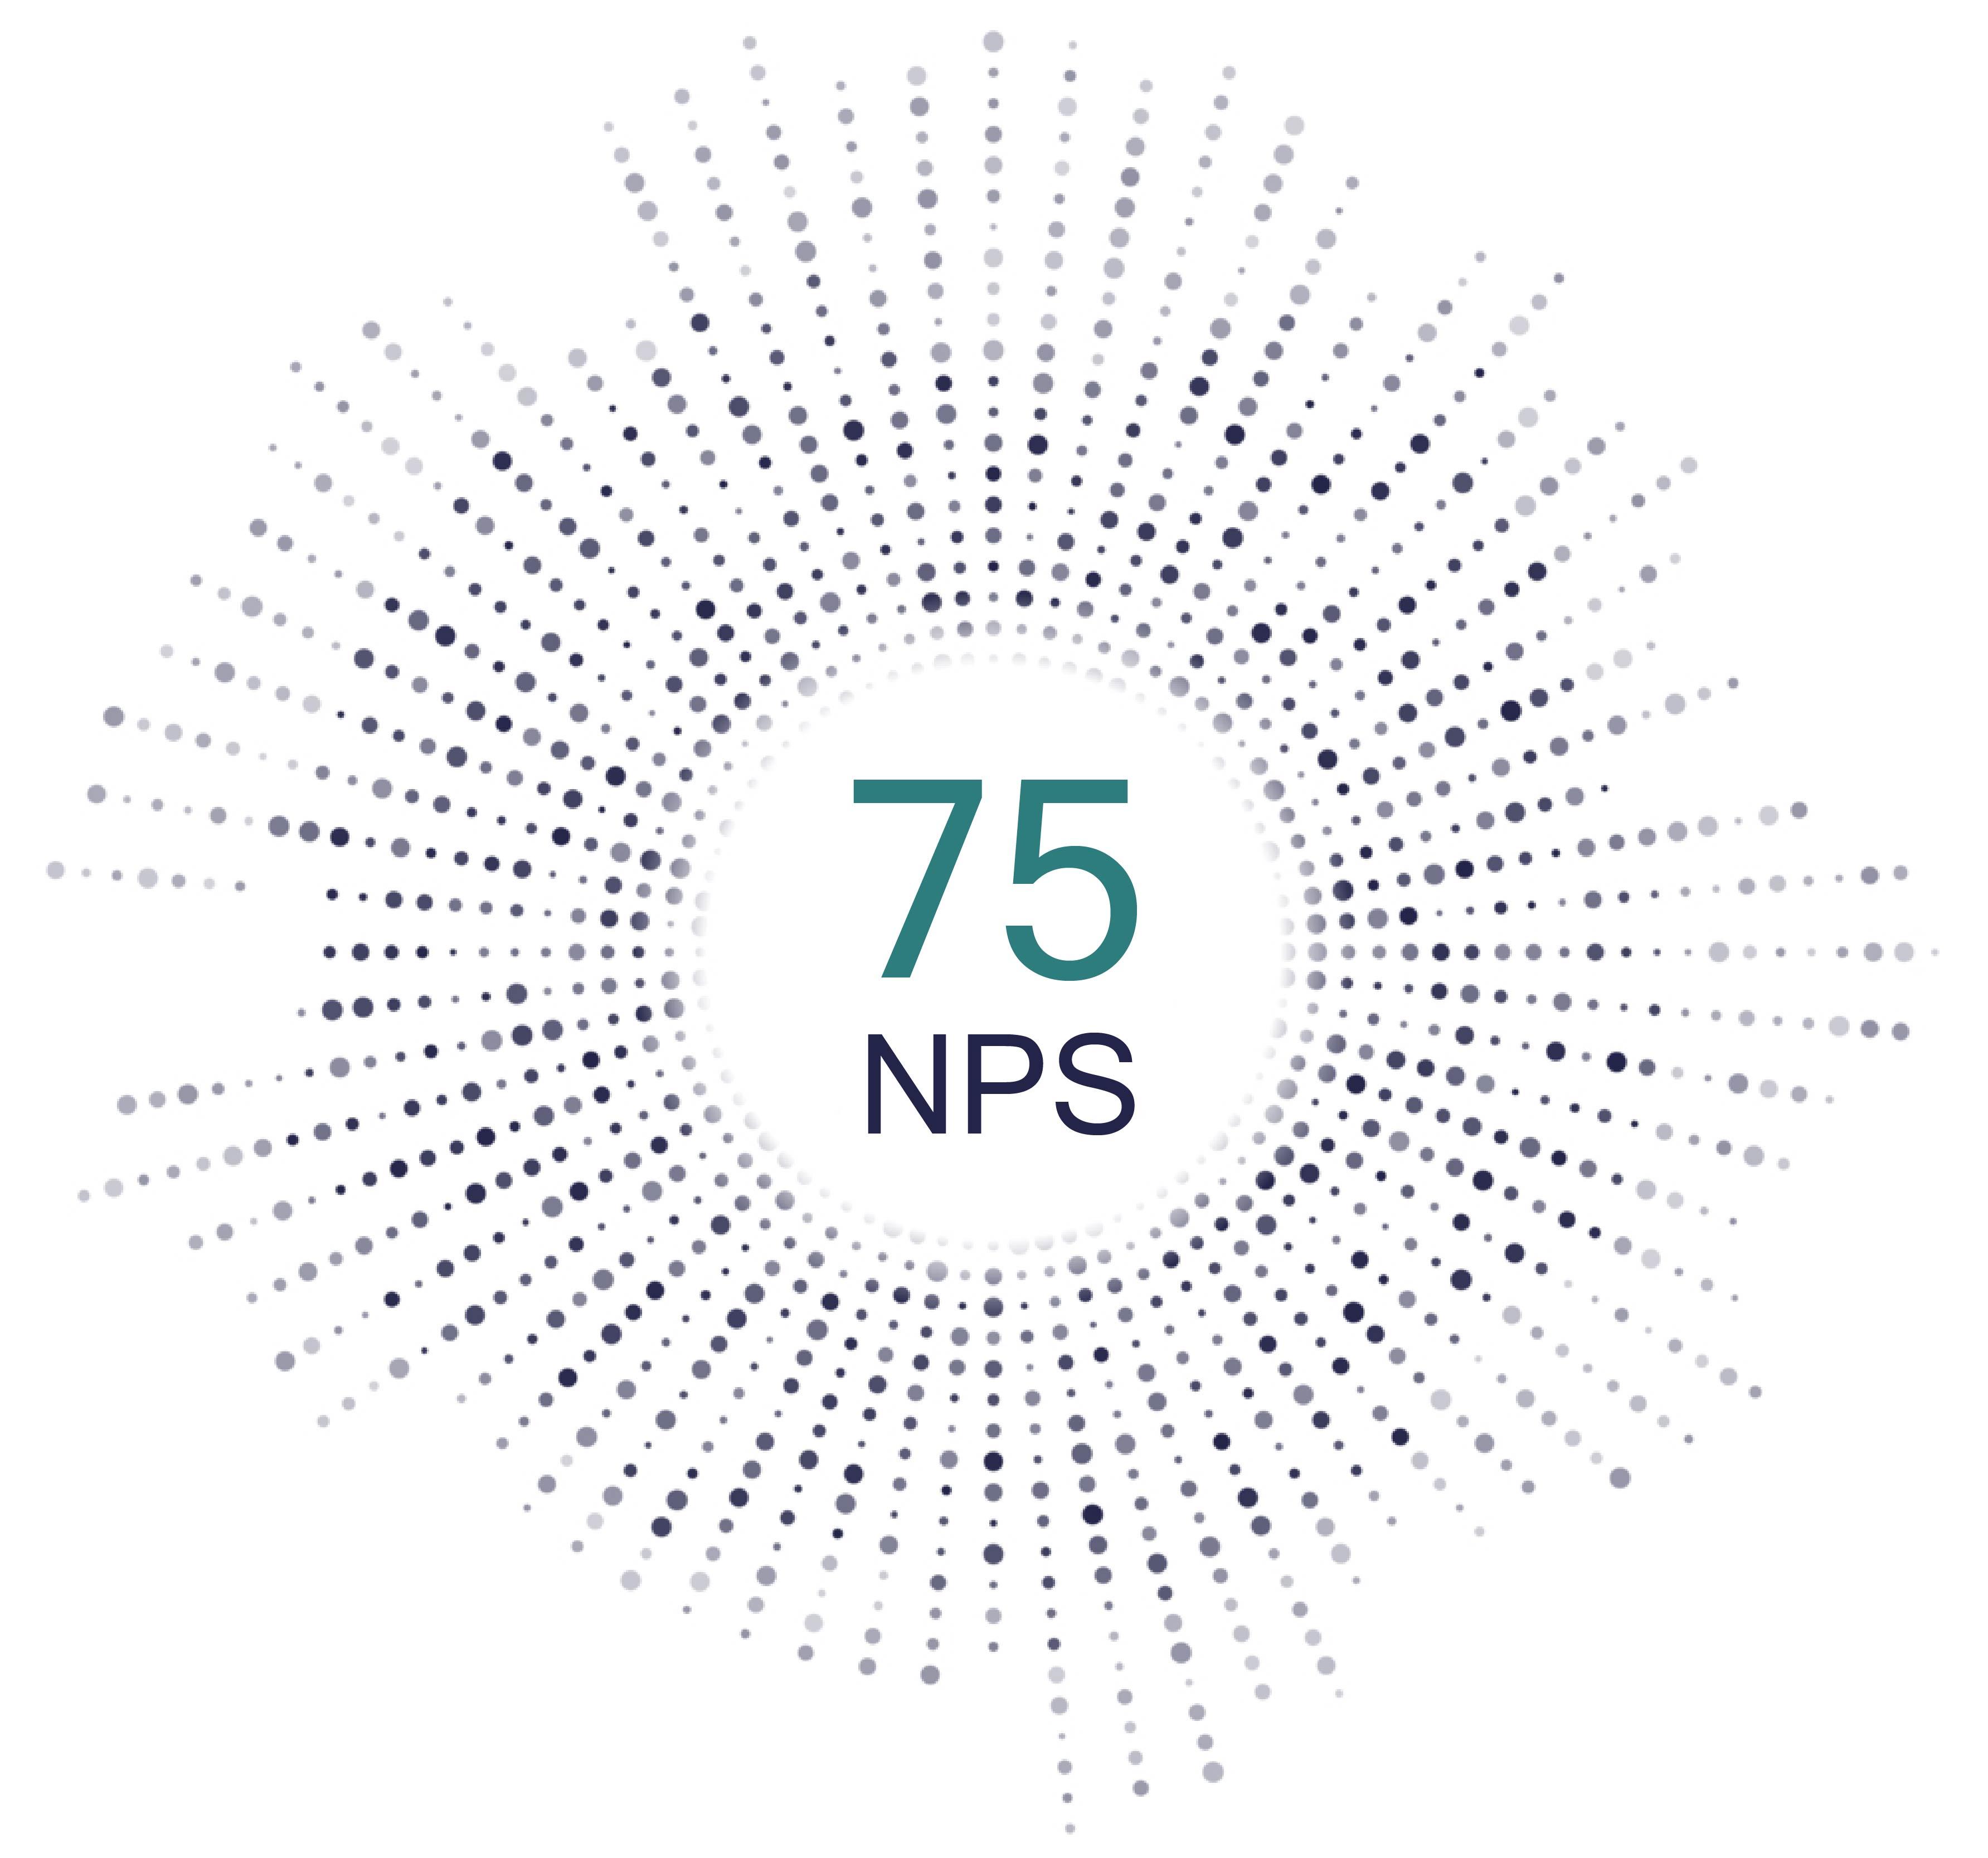 75-NPS-copy-2